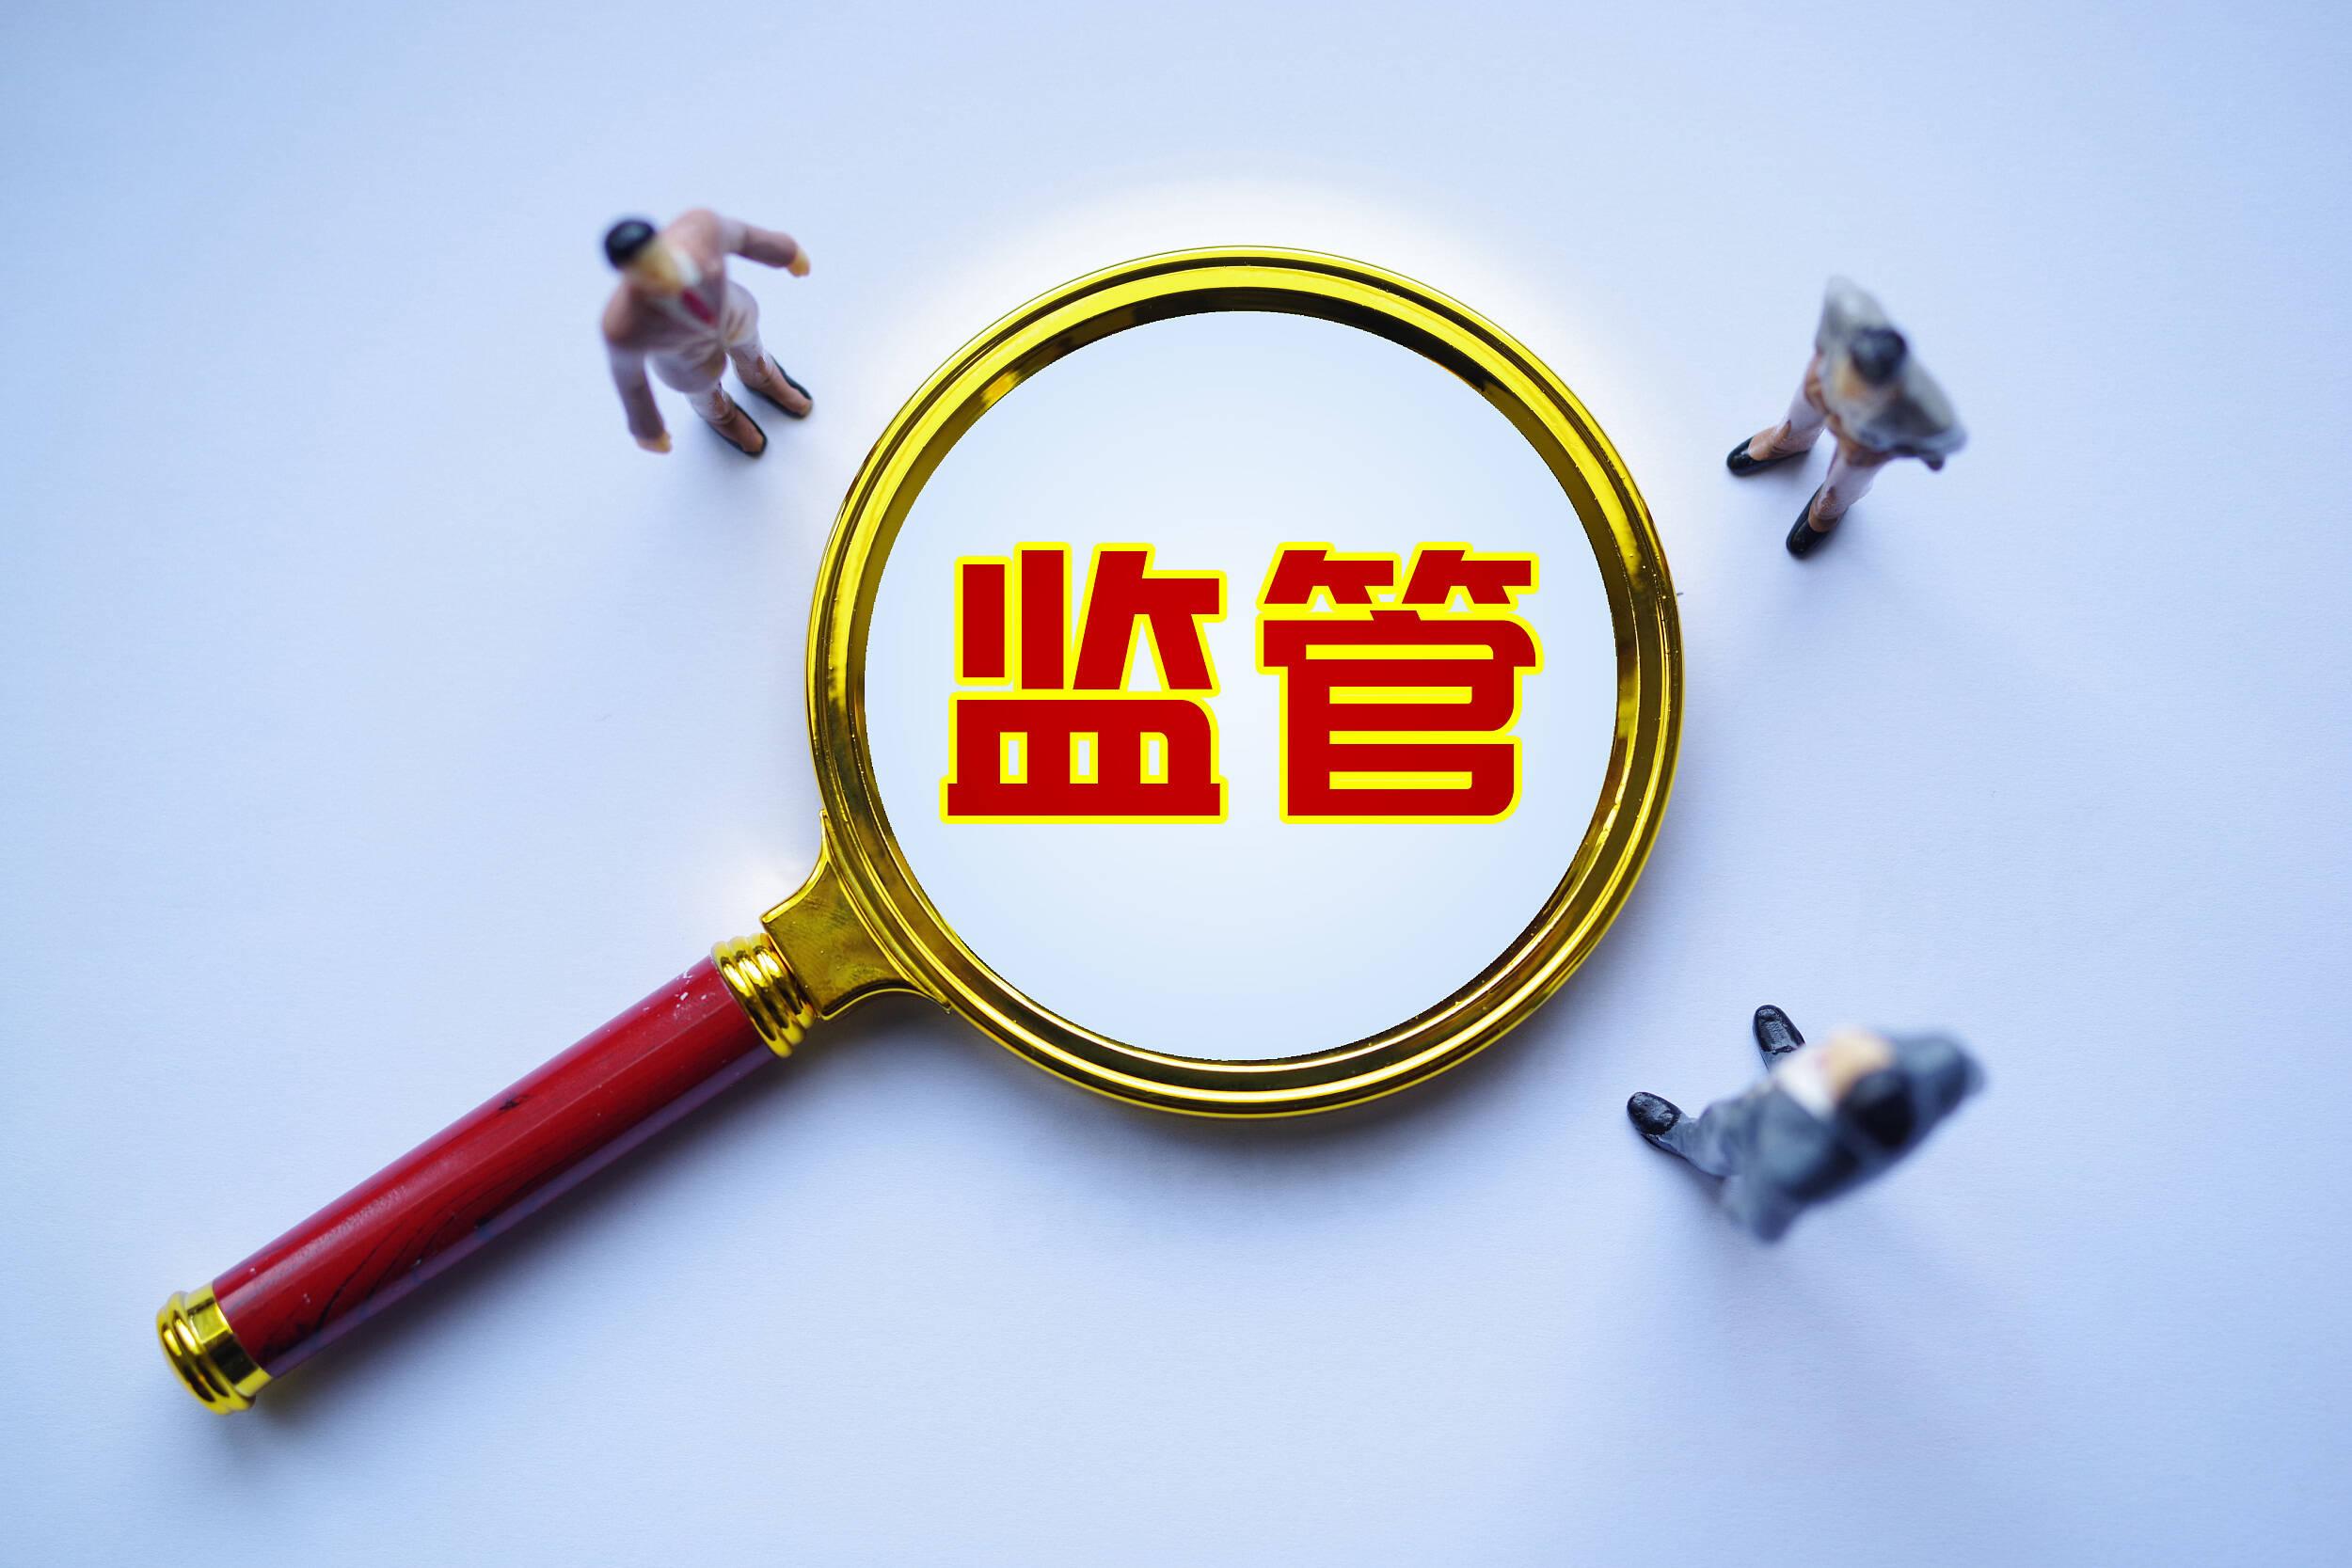 山东5家省管社会组织拟被列入异常活动名录